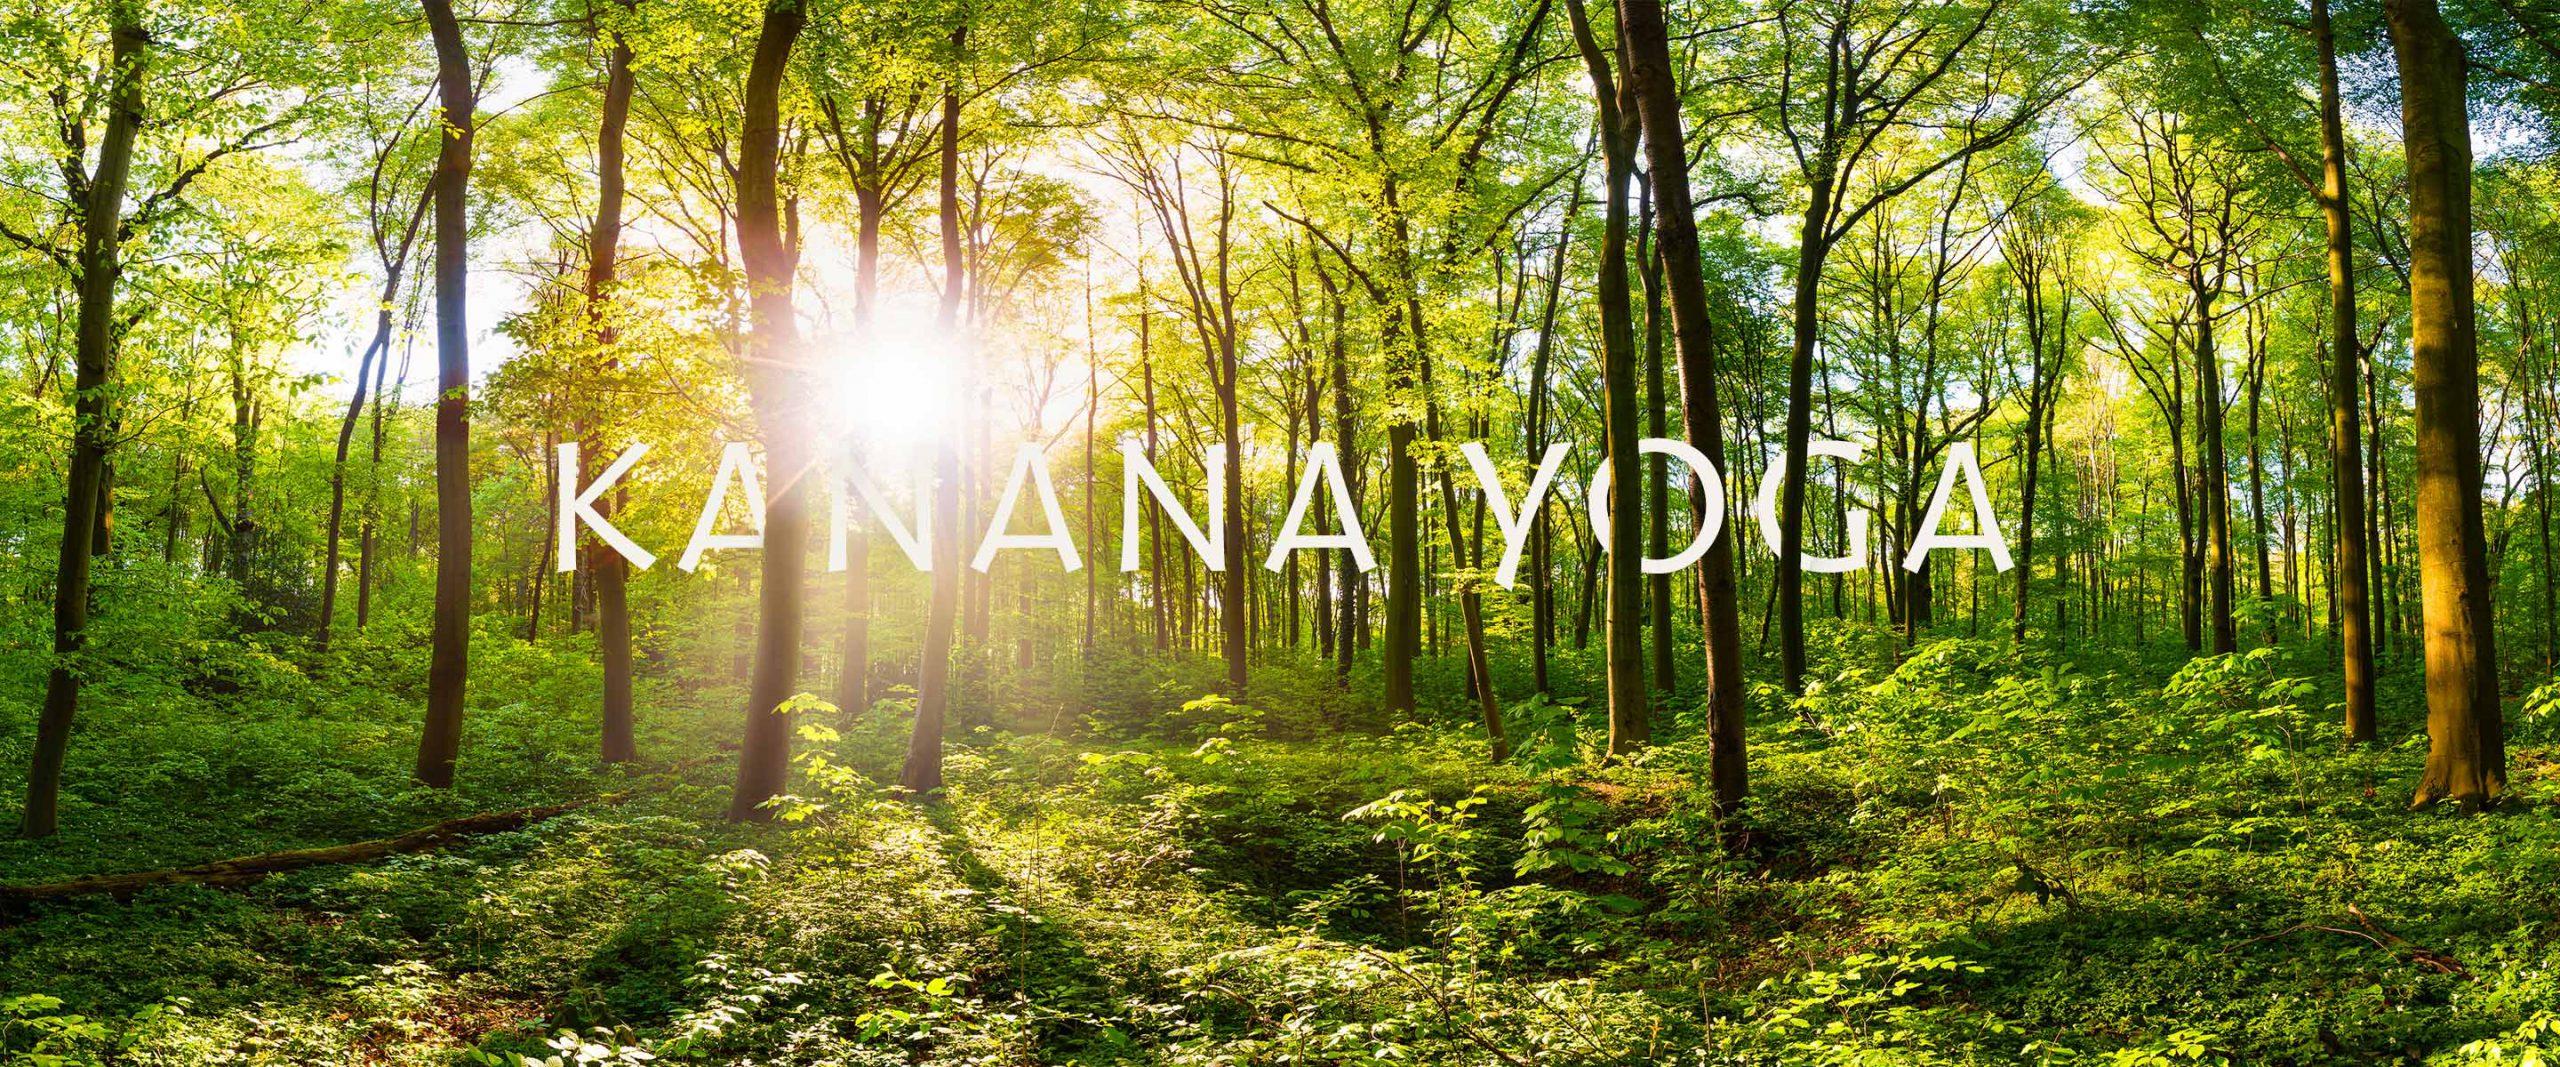 Kanana Yoga